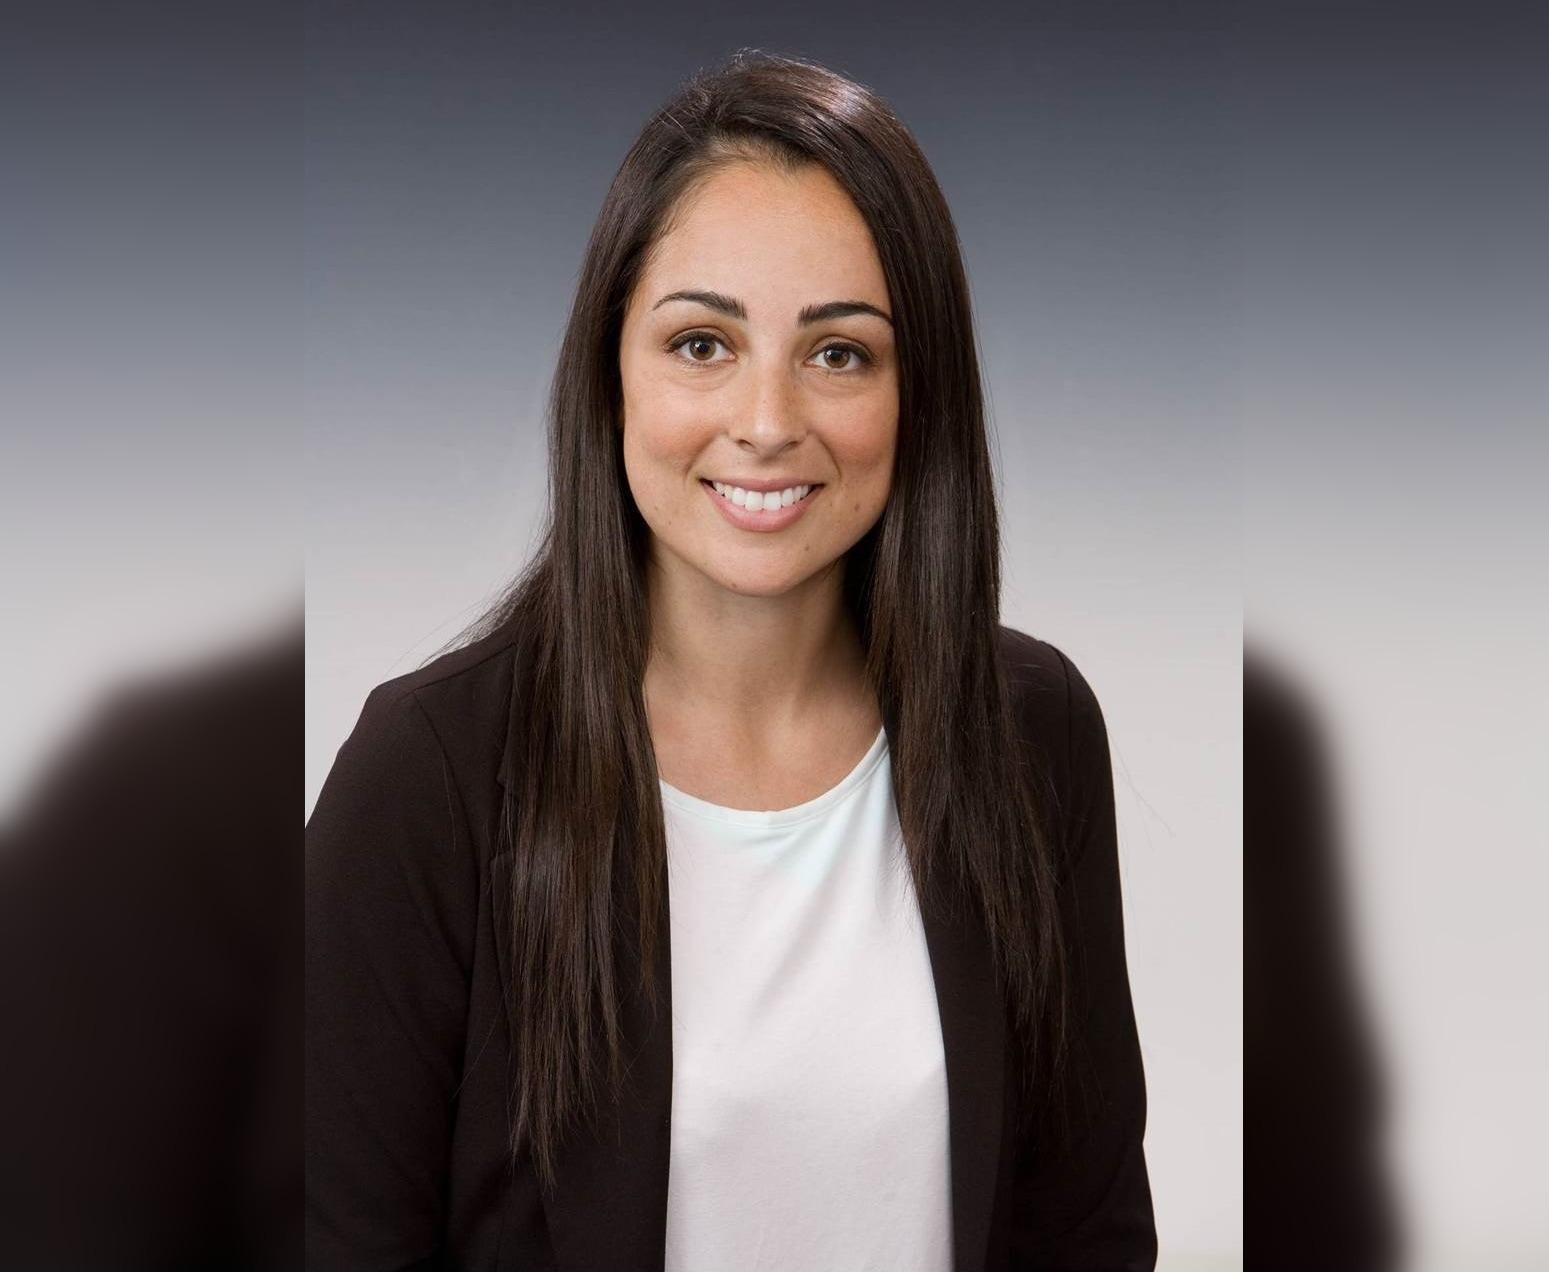 Tania Chaudry